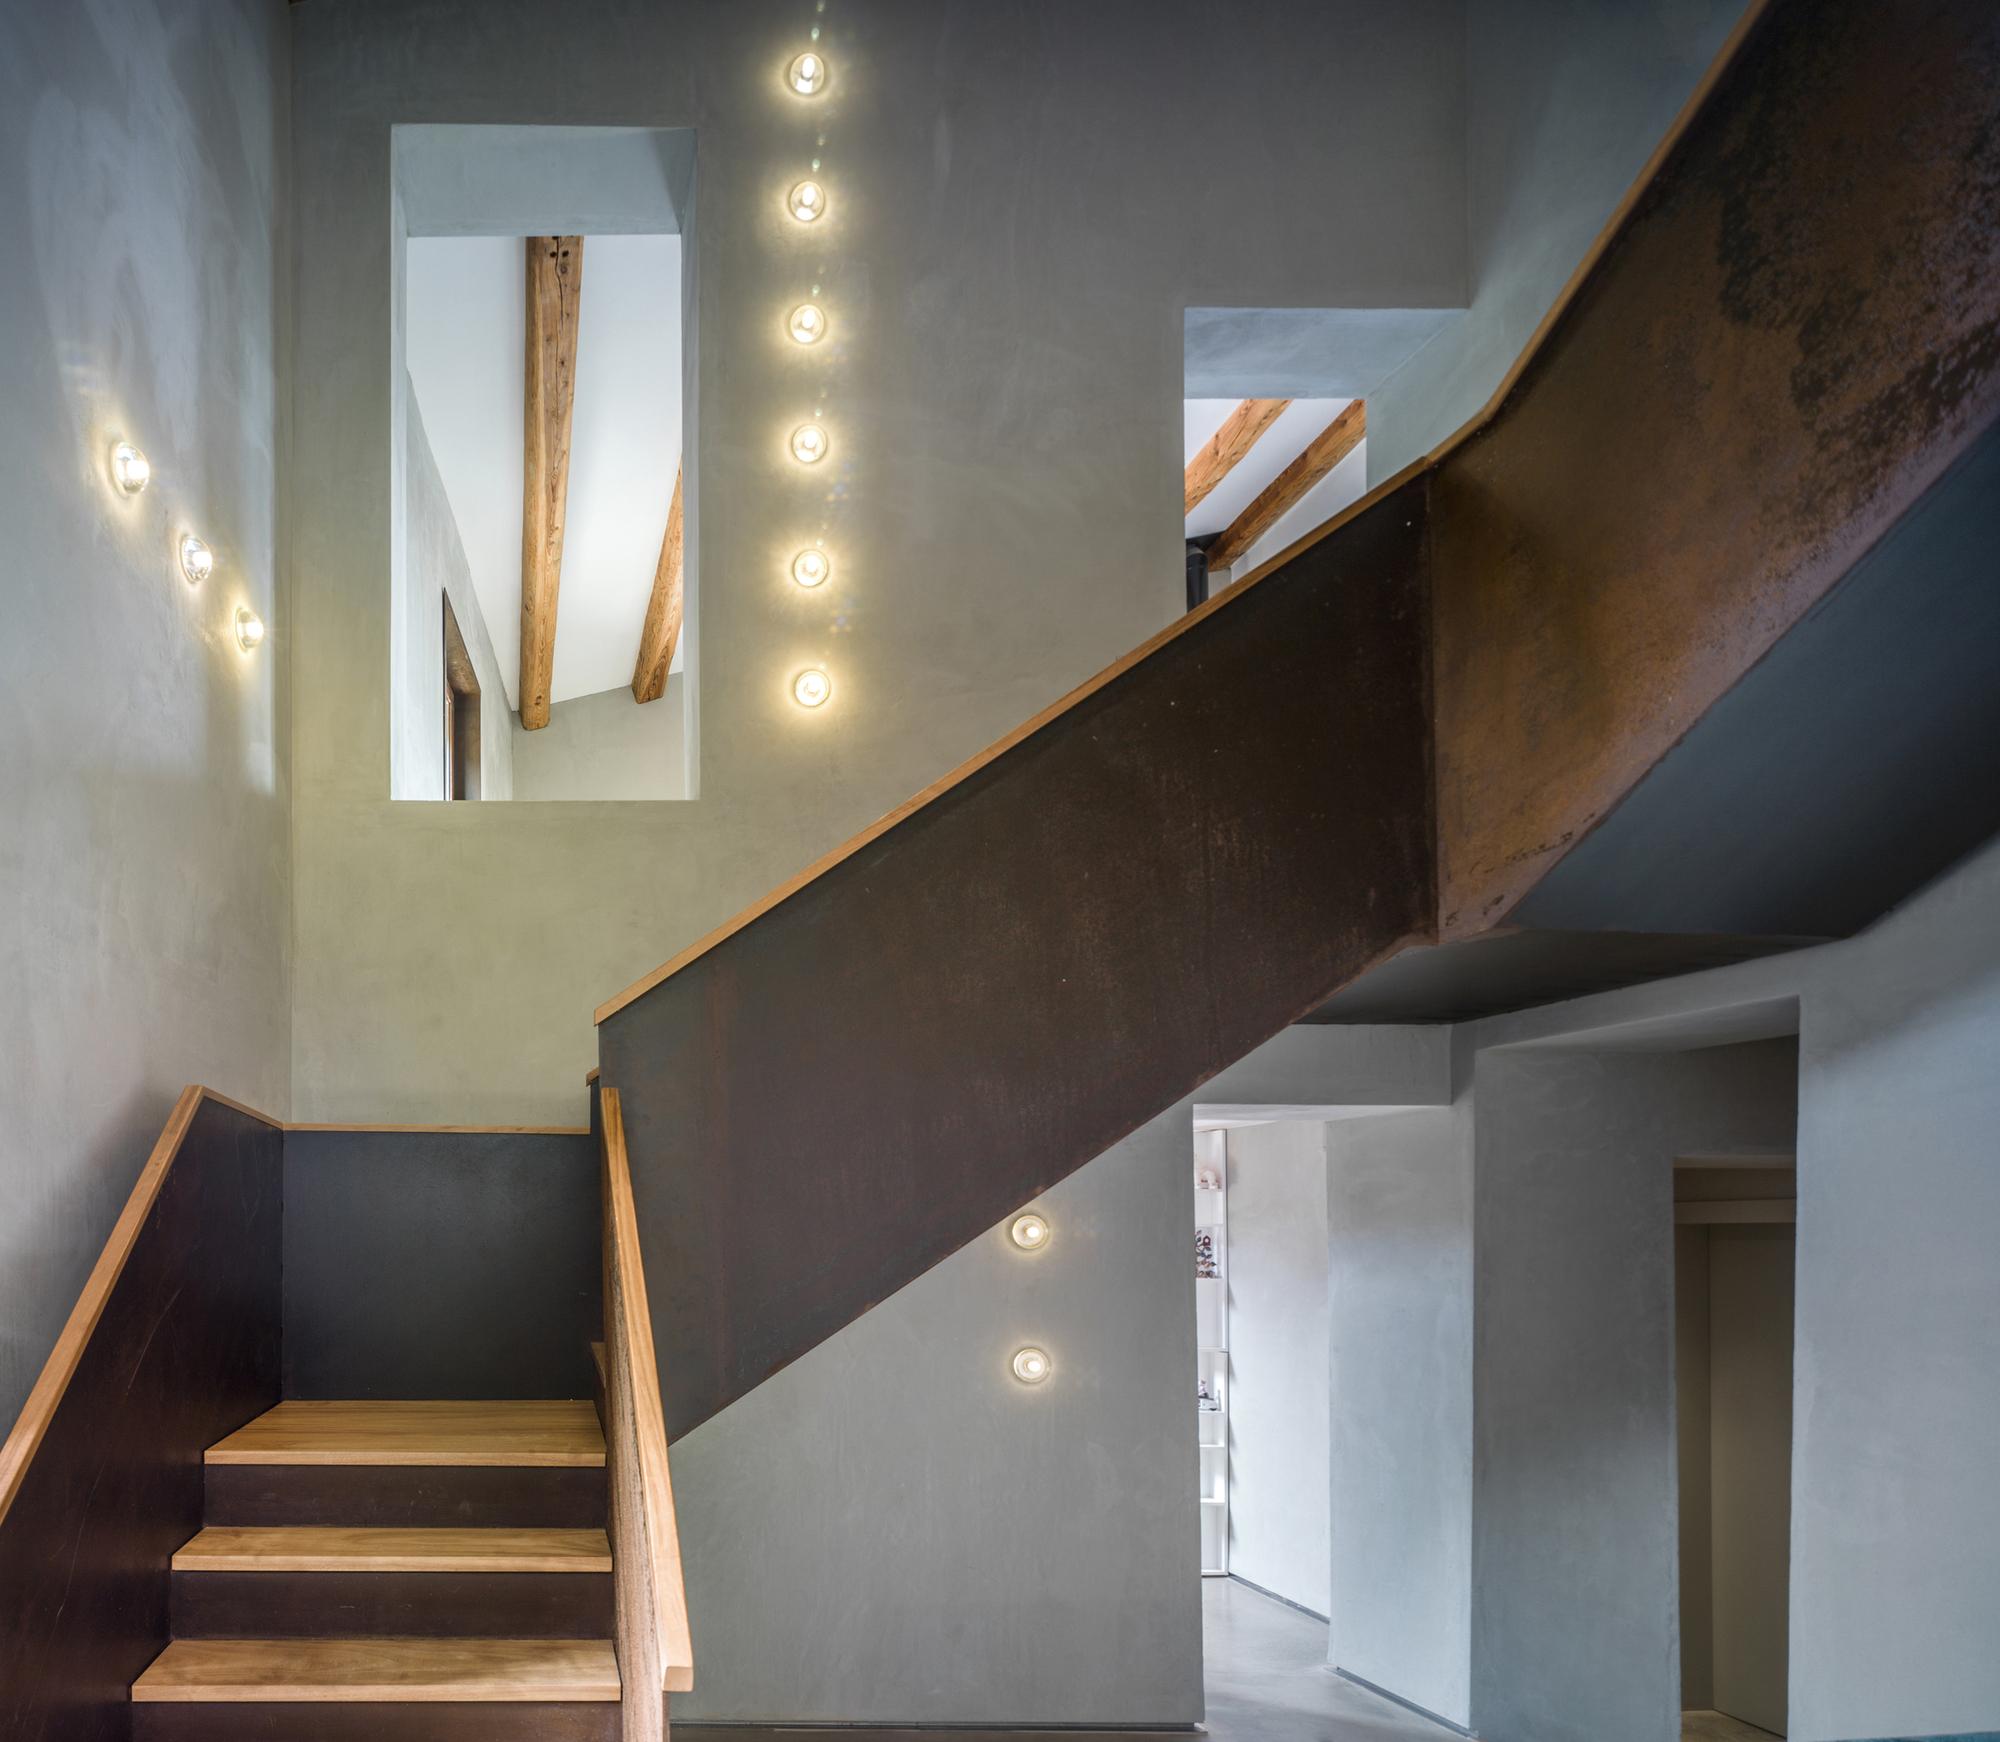 537190e0c07a804e4e000043_villa-cp-zest-architecture_jg443-51-jesus_granada